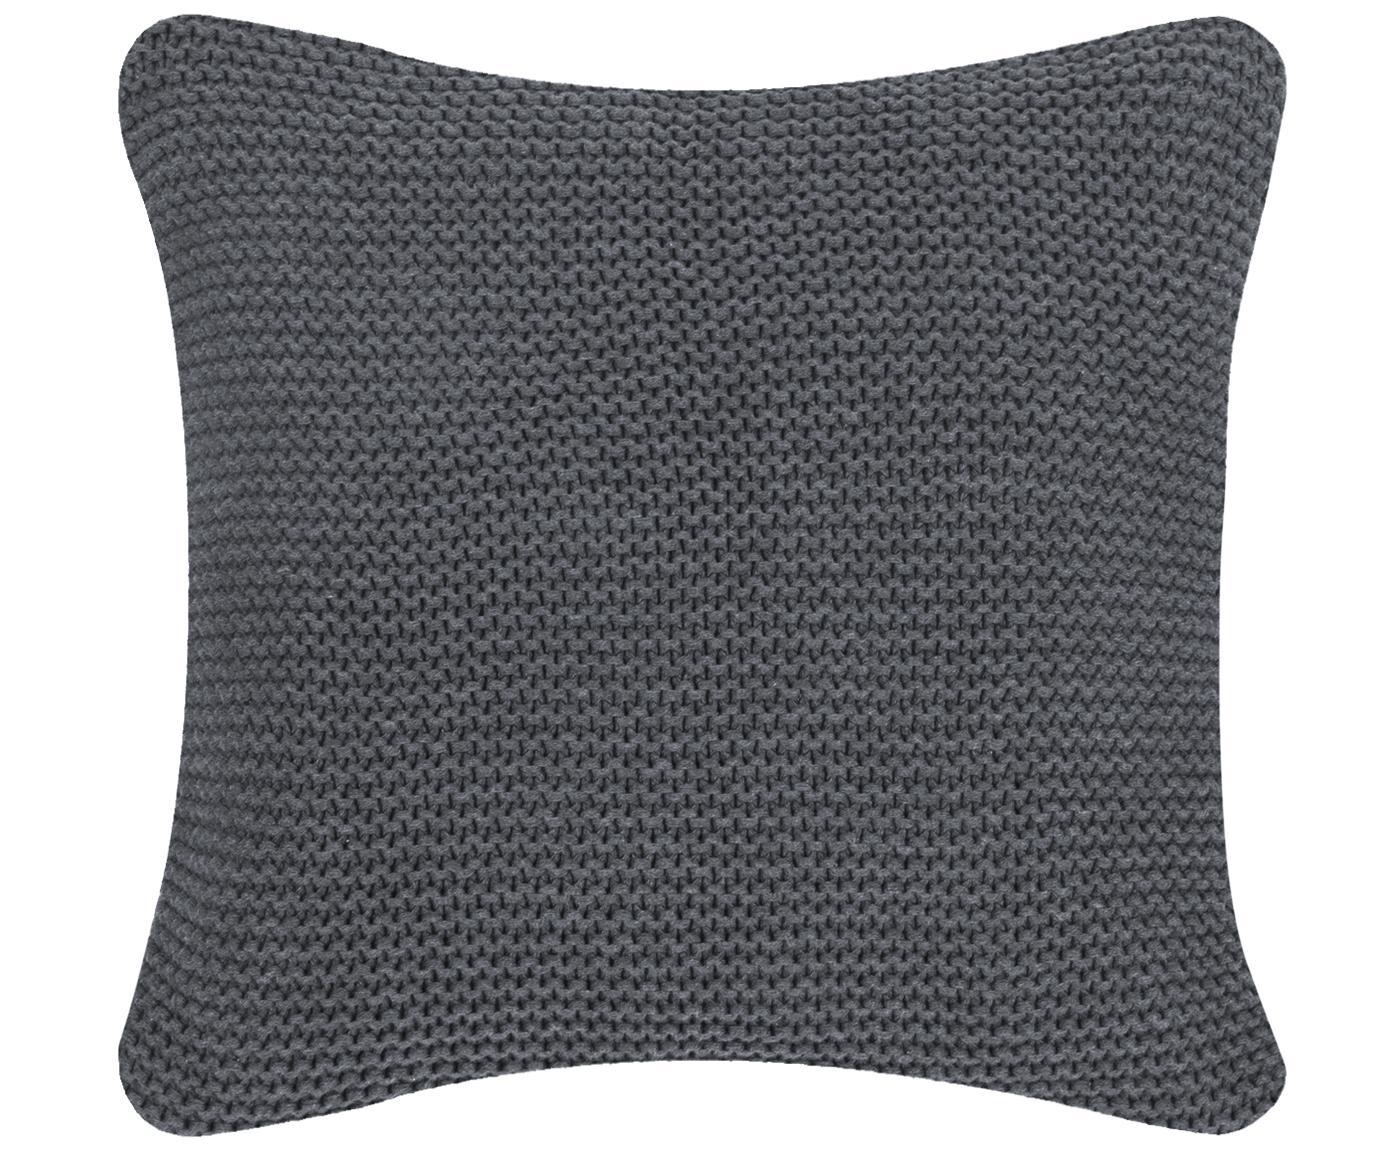 Poszewka na poduszkę z dzianiny Adalyn, 100% bawełna, Ciemnyszary, S 40 x D 40 cm